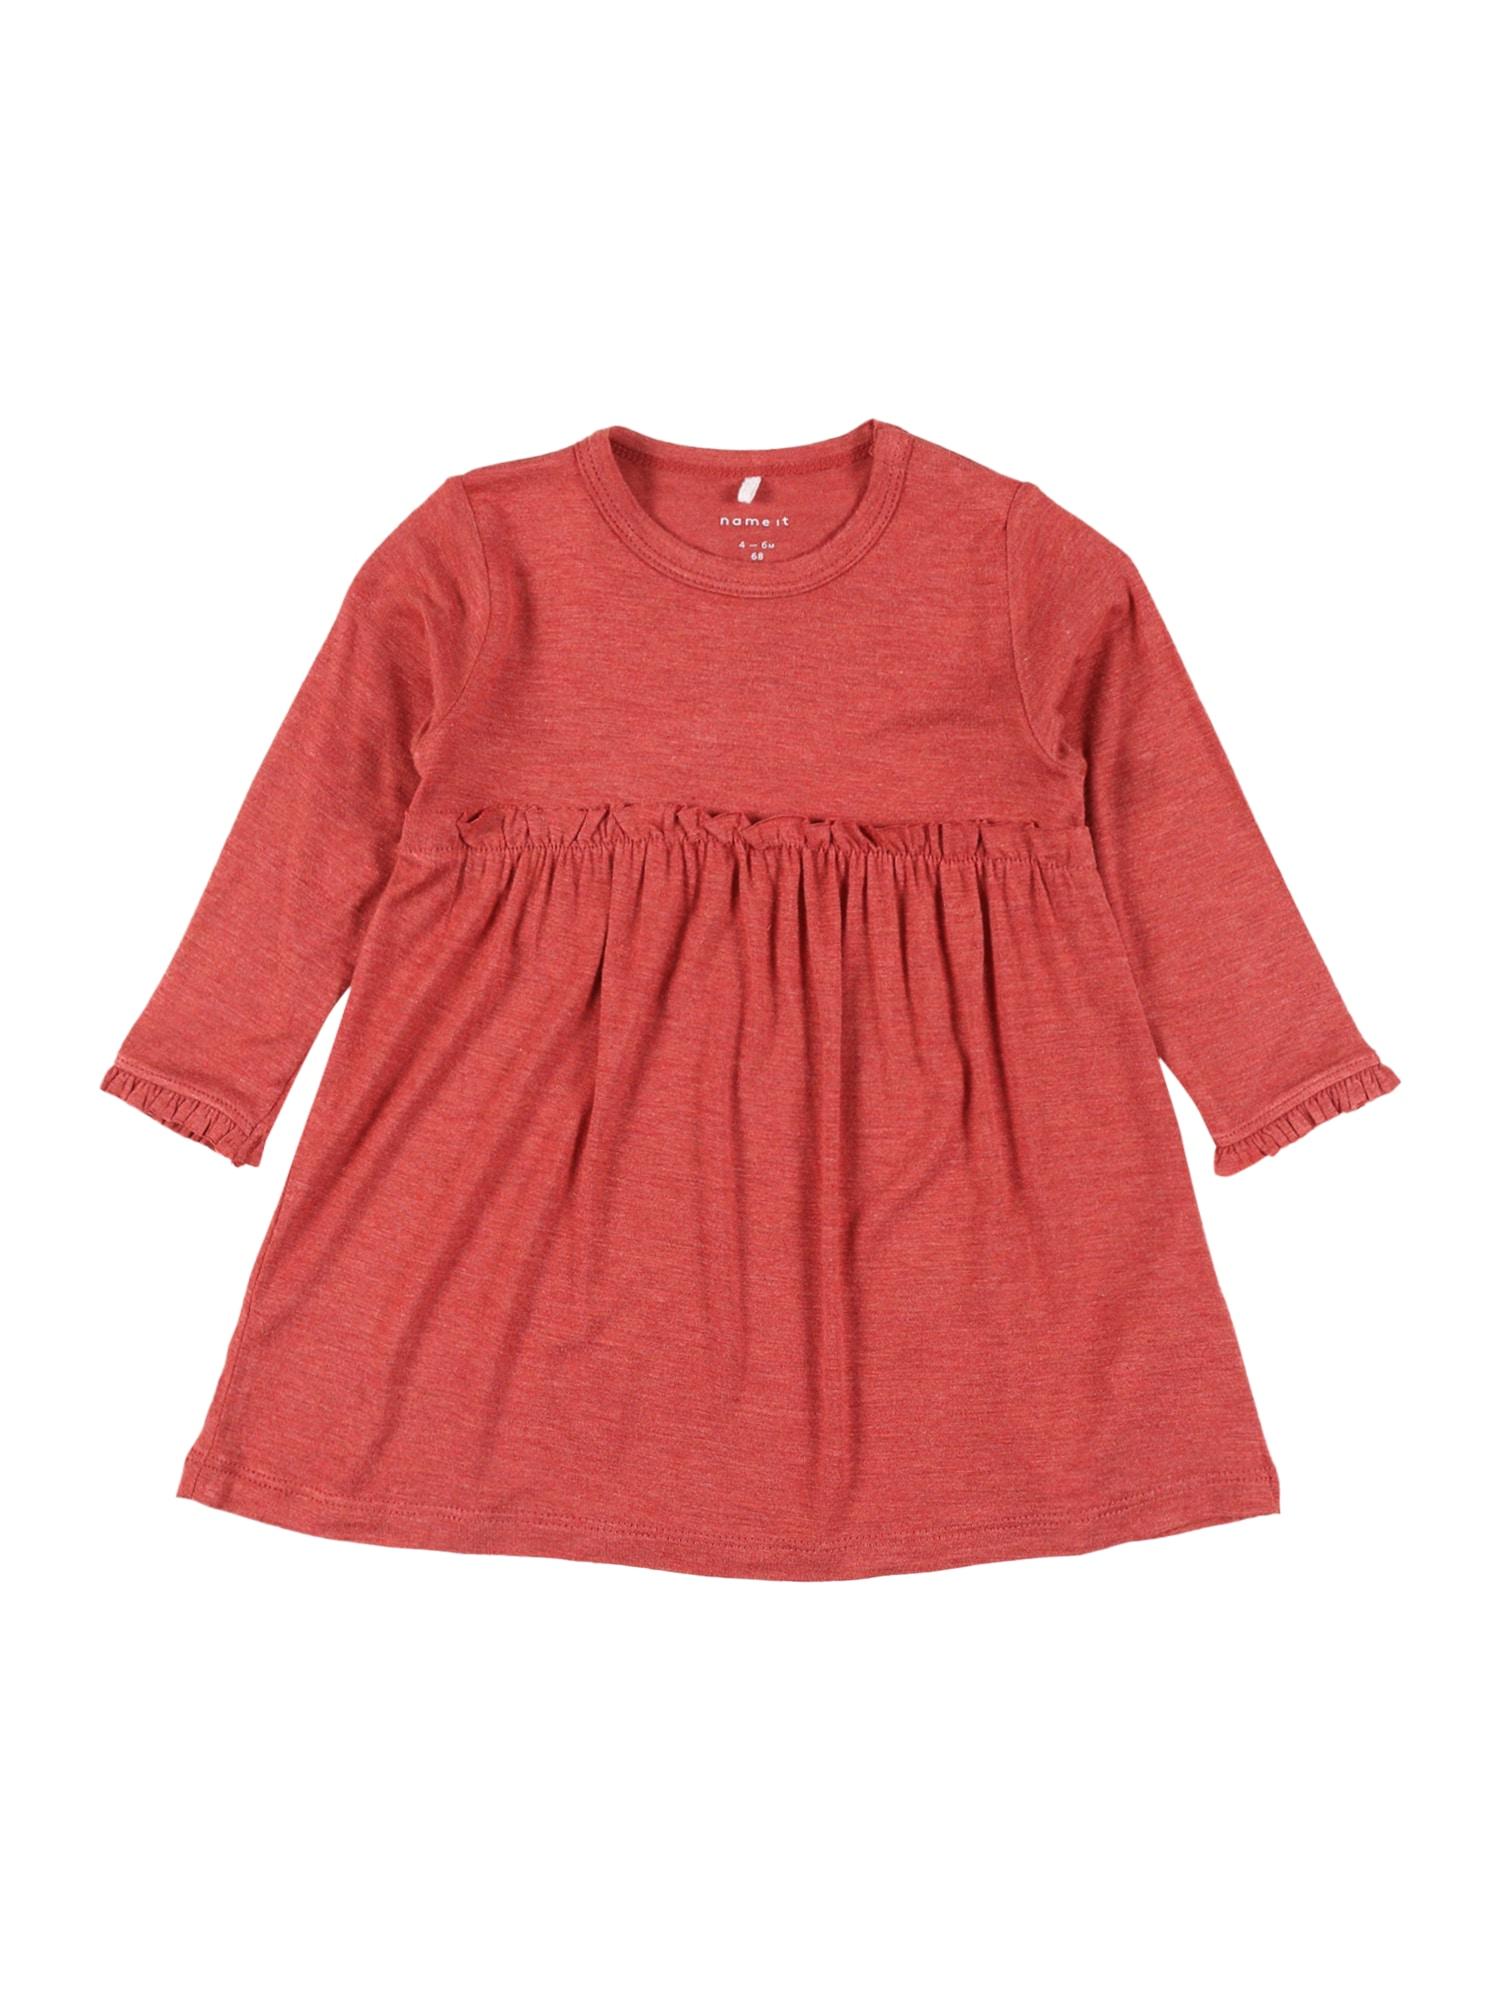 NAME IT Suknelė 'DIANA' raudona / margai raudona